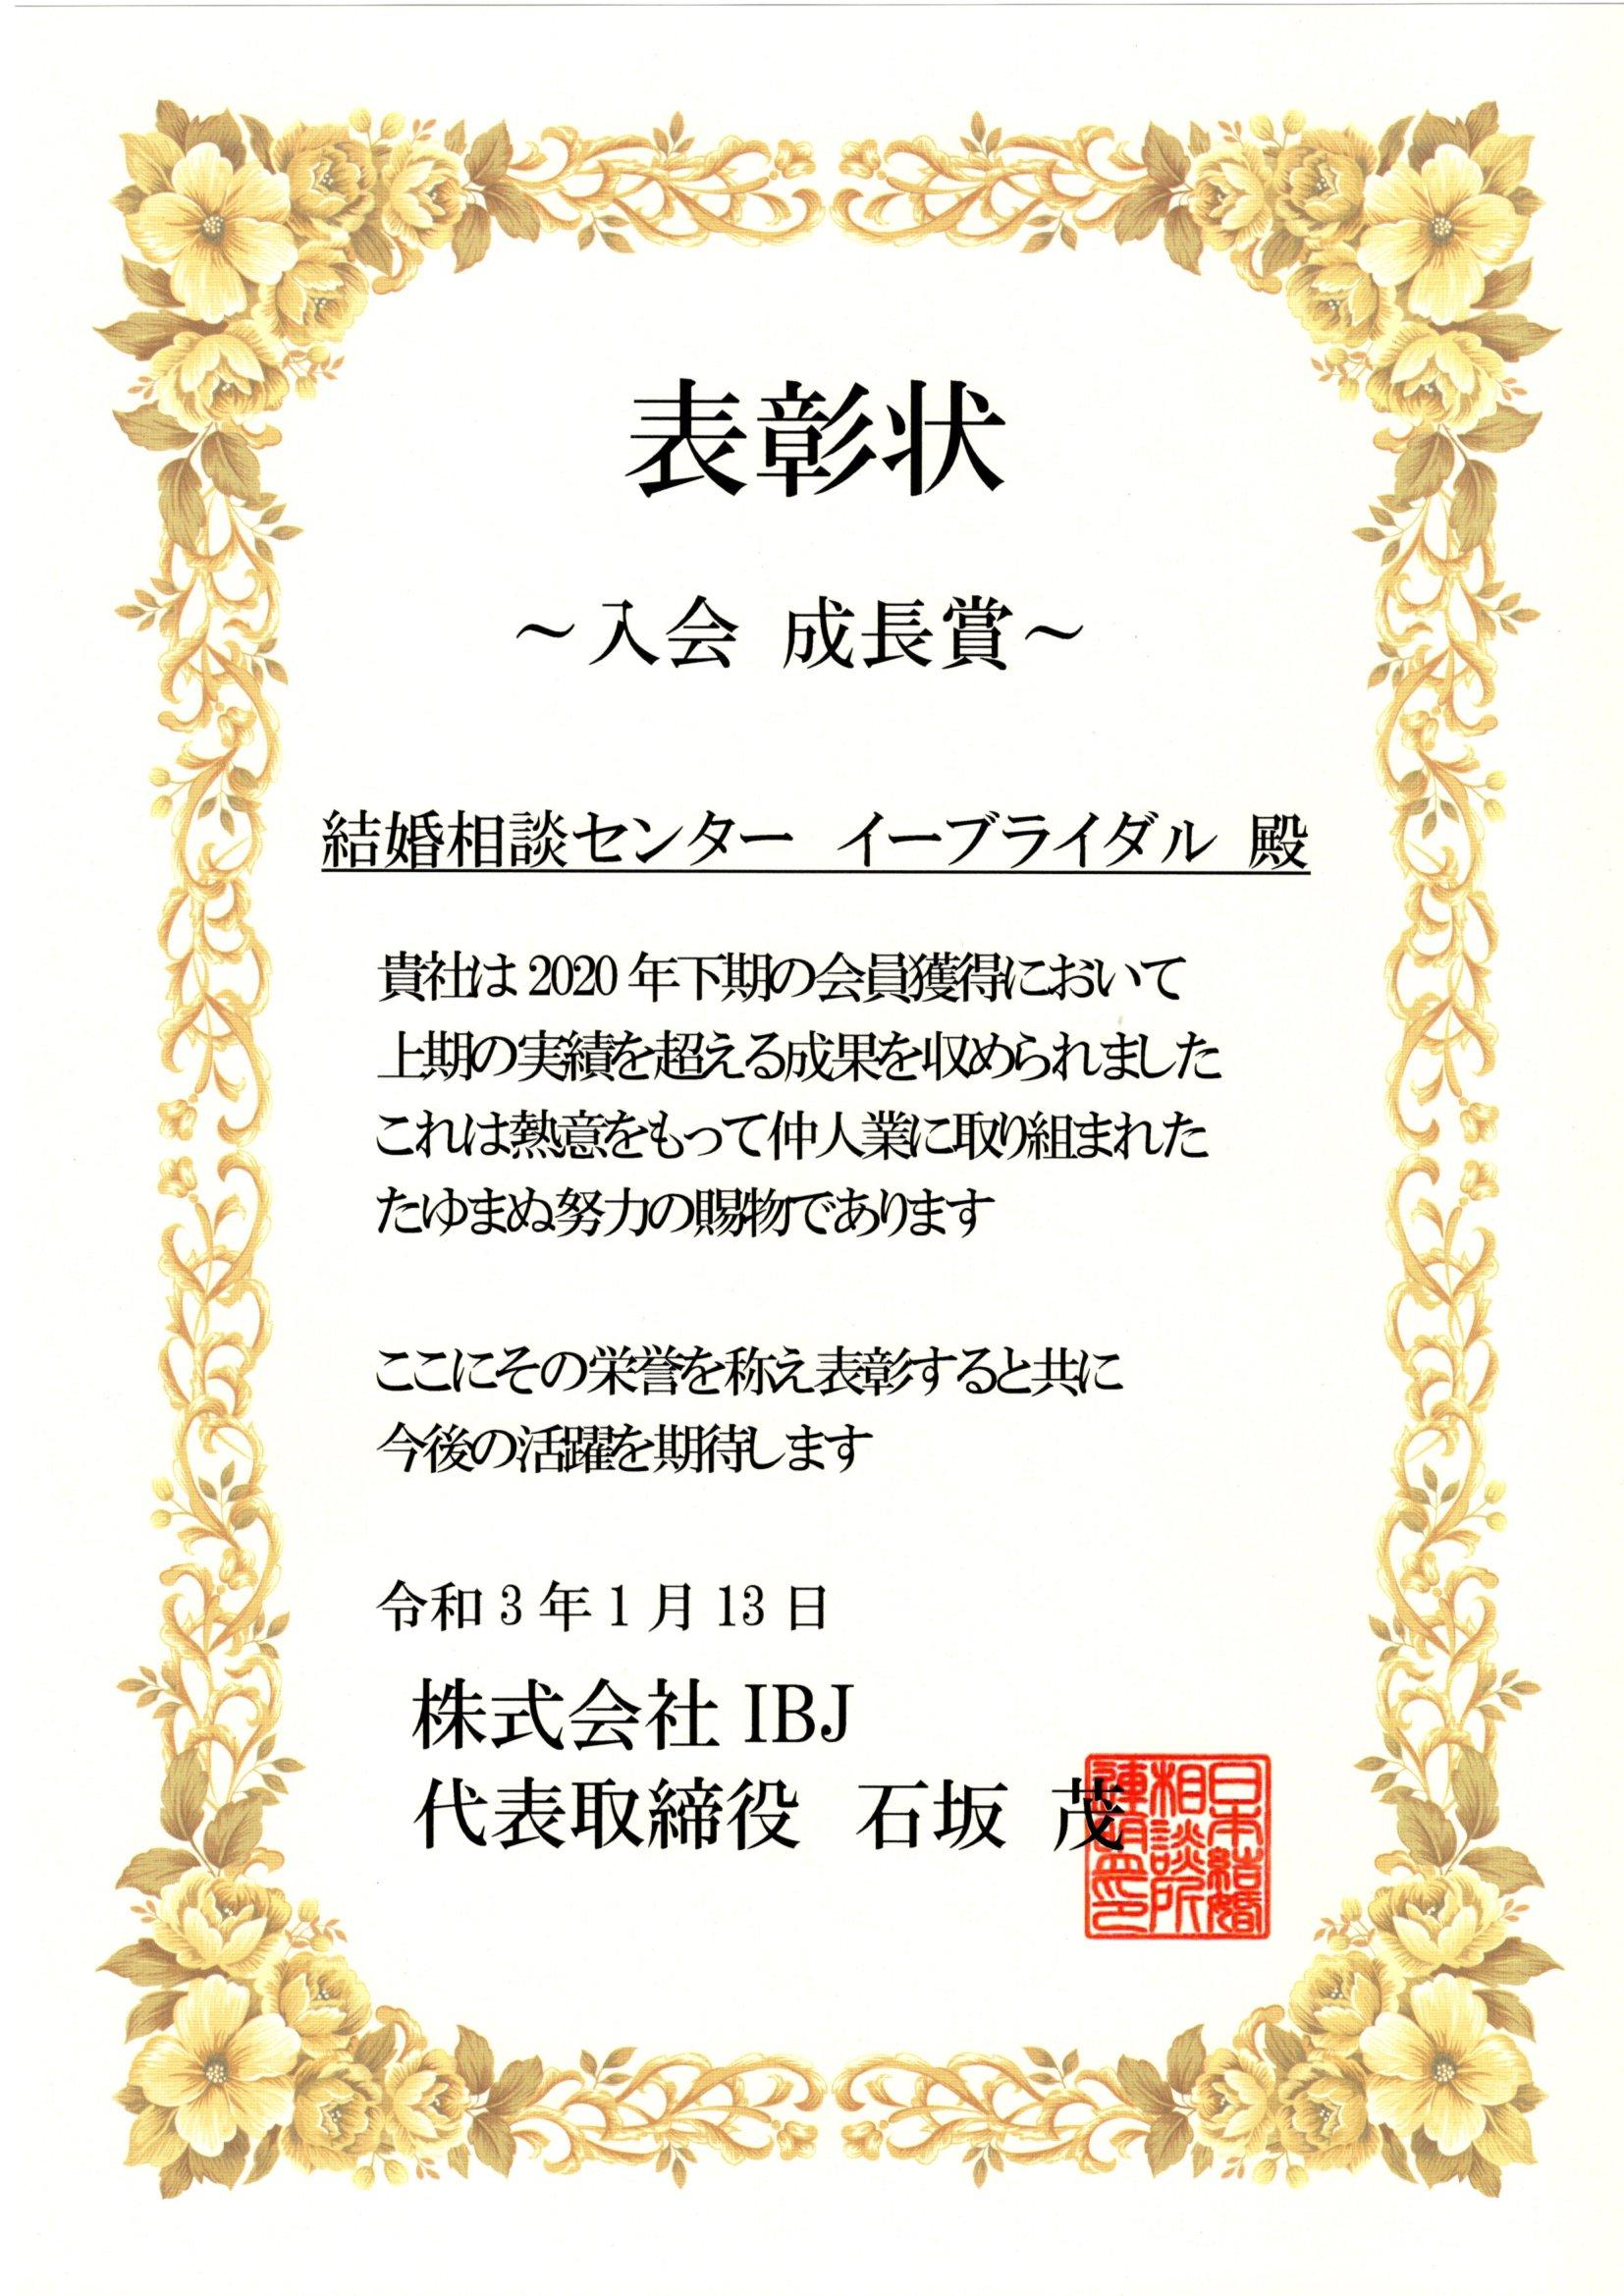 (4)IBJ入会